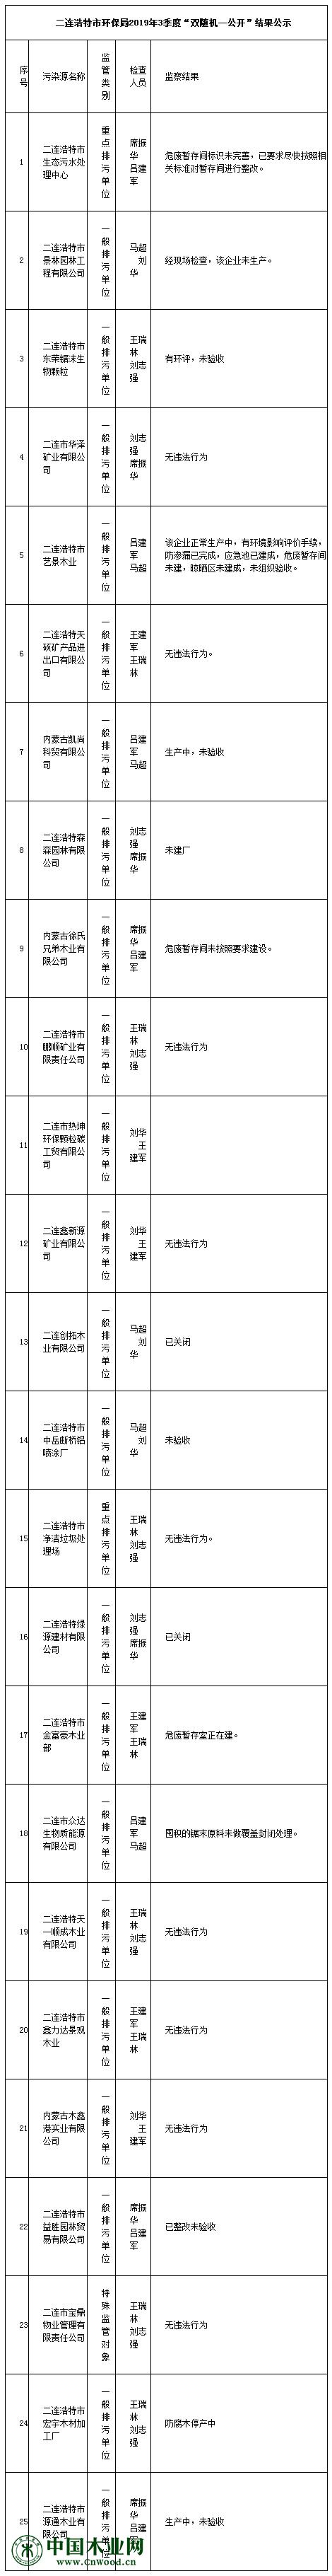 """二连浩特市环保局2019年3季度""""双随机一公开""""结果公示"""